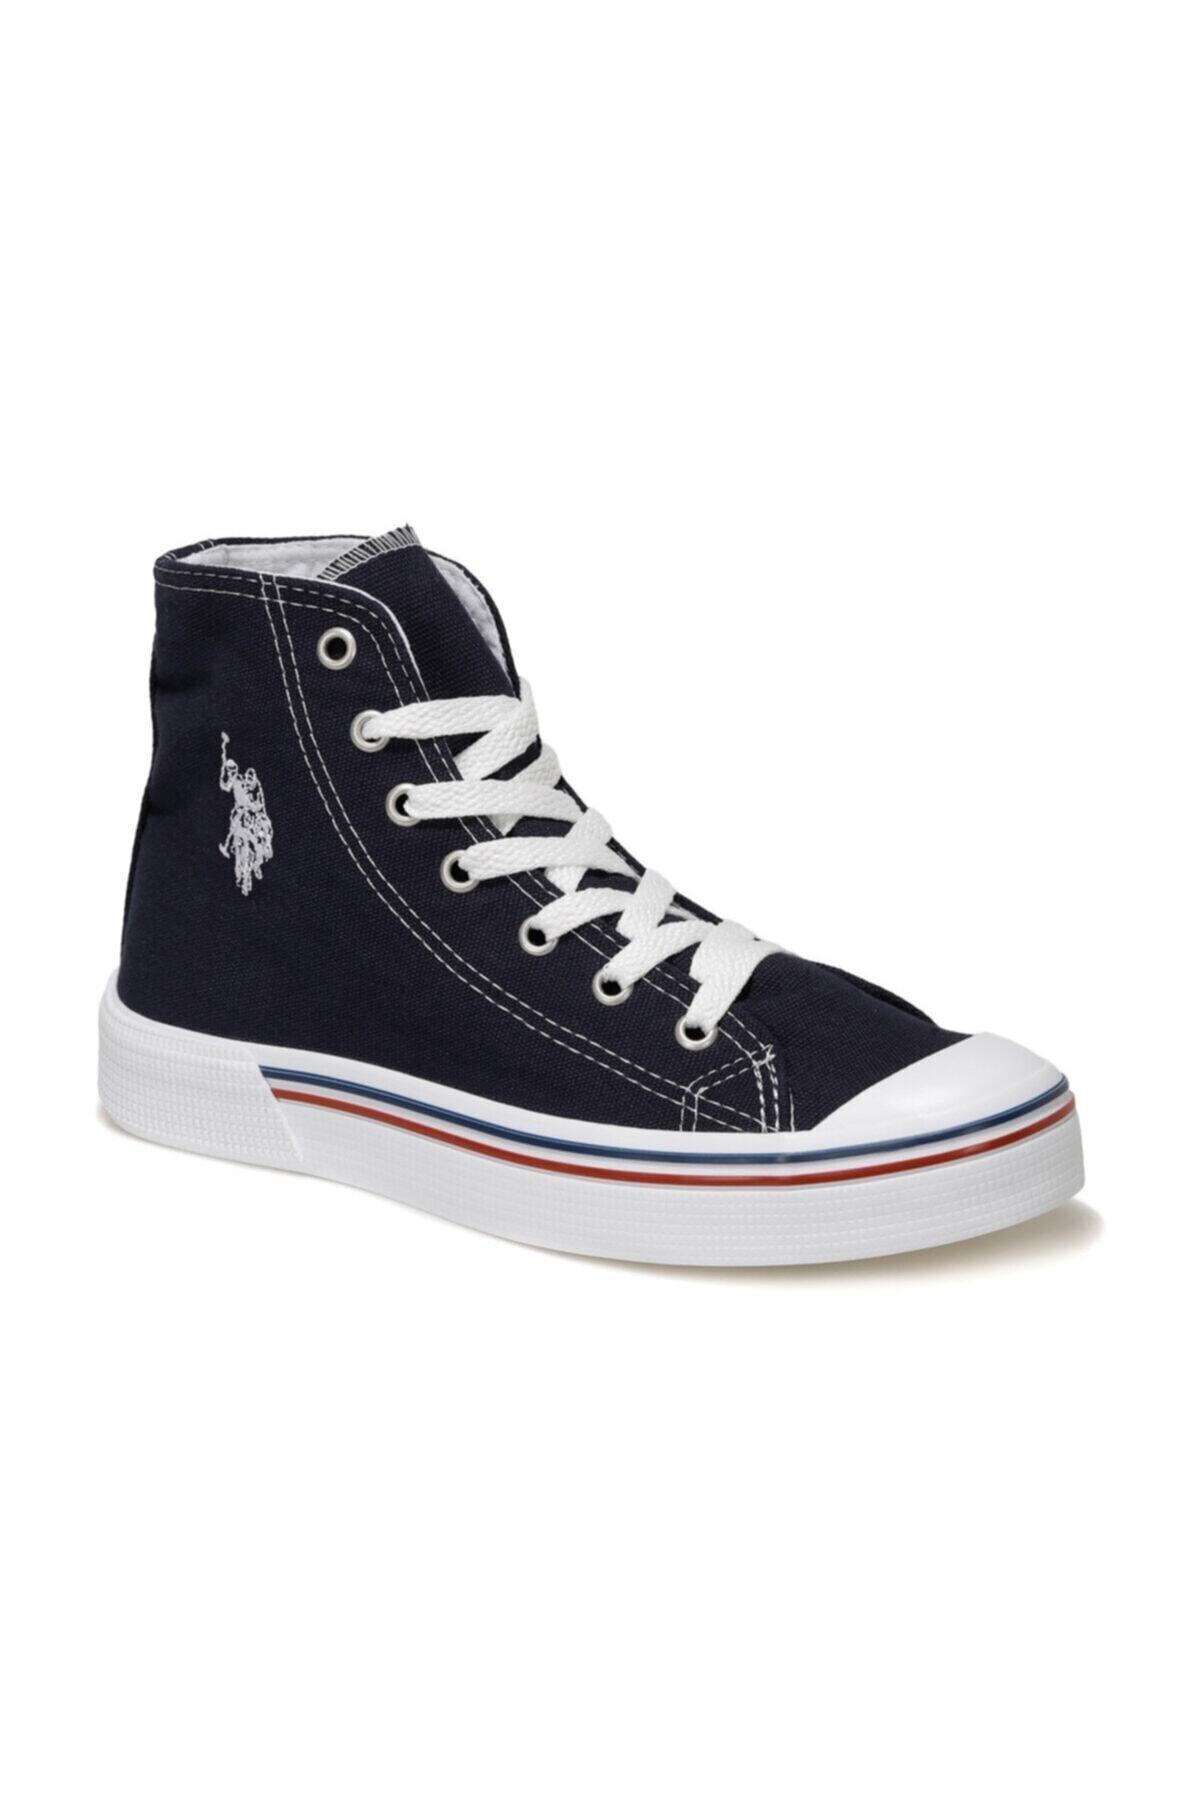 U.S. Polo Assn. PENELOPE HIGH 1FX Lacivert Kadın Havuz Taban Sneaker 100910635 1